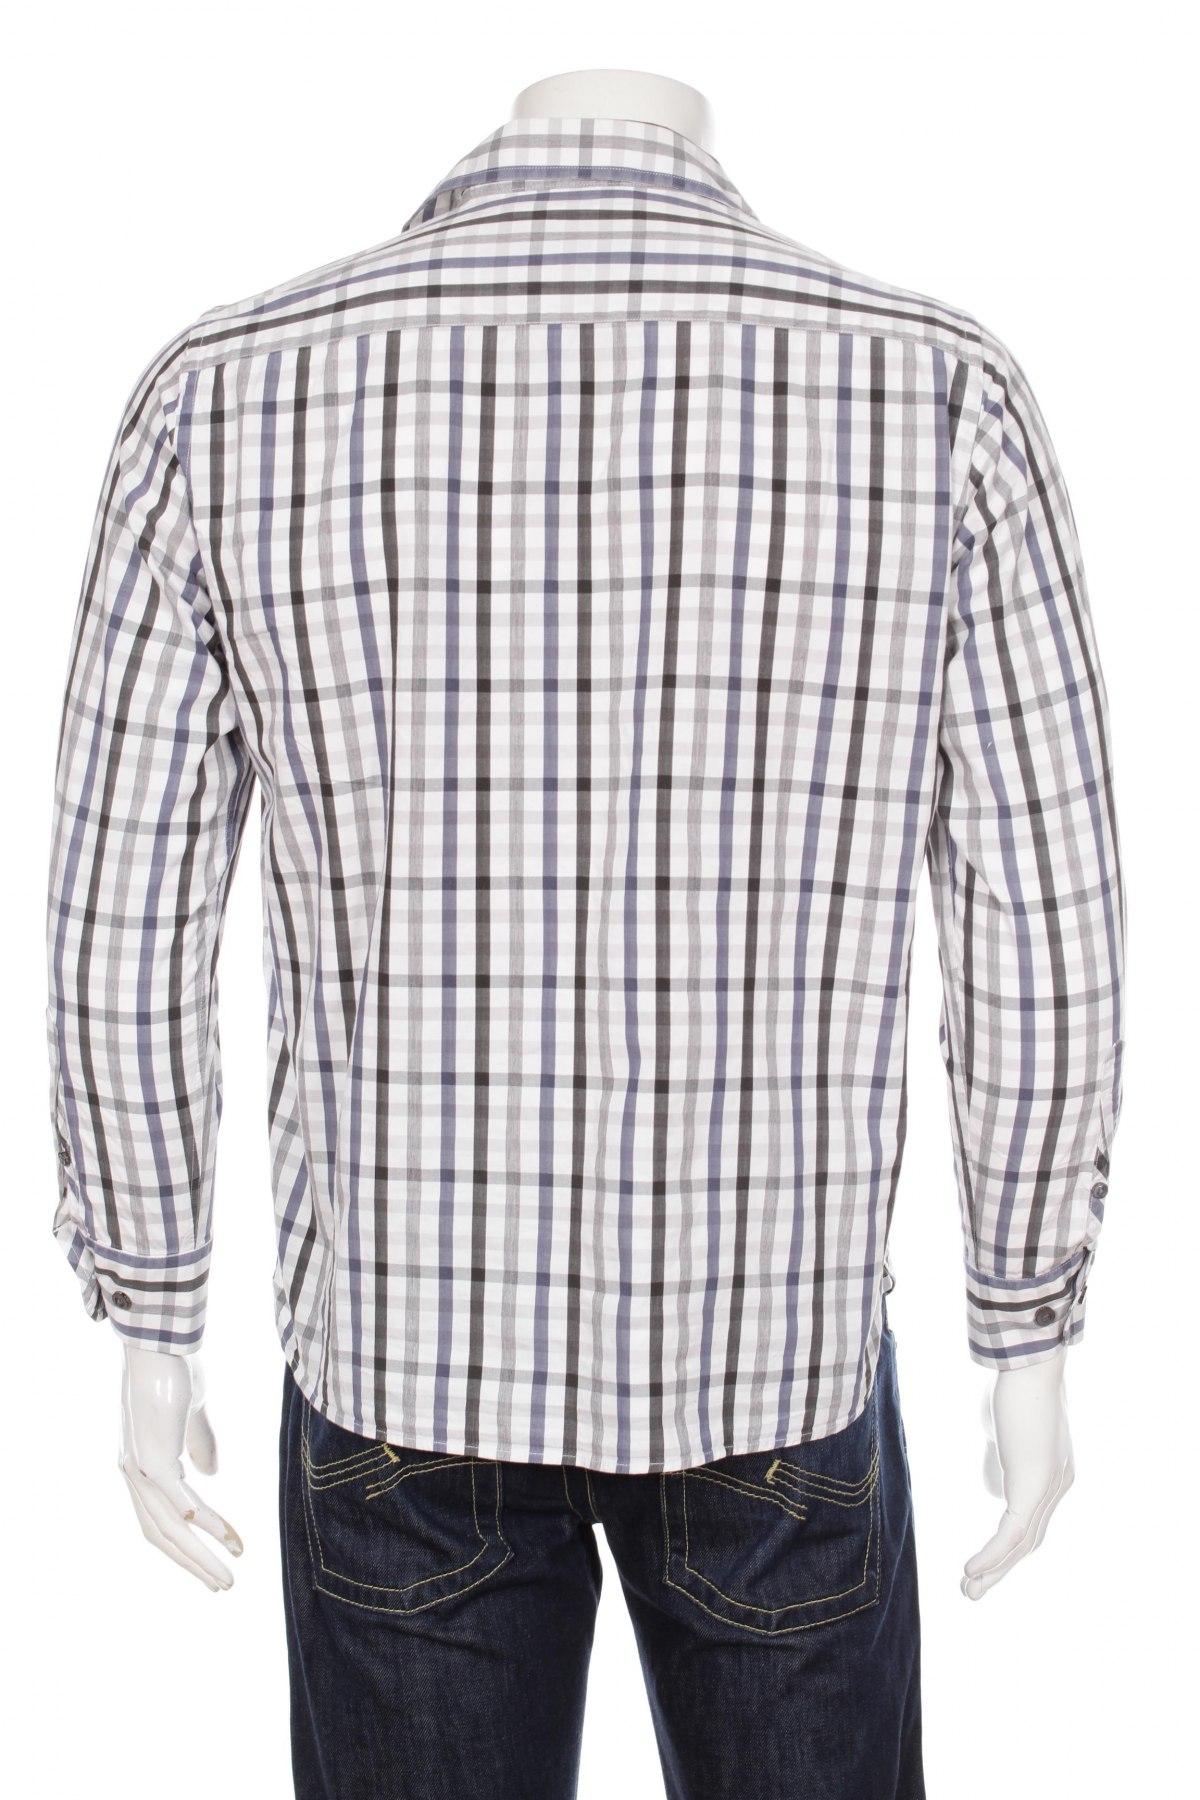 Męska koszula Marks & Spencer Blue Harbour kup w  tUYQ8